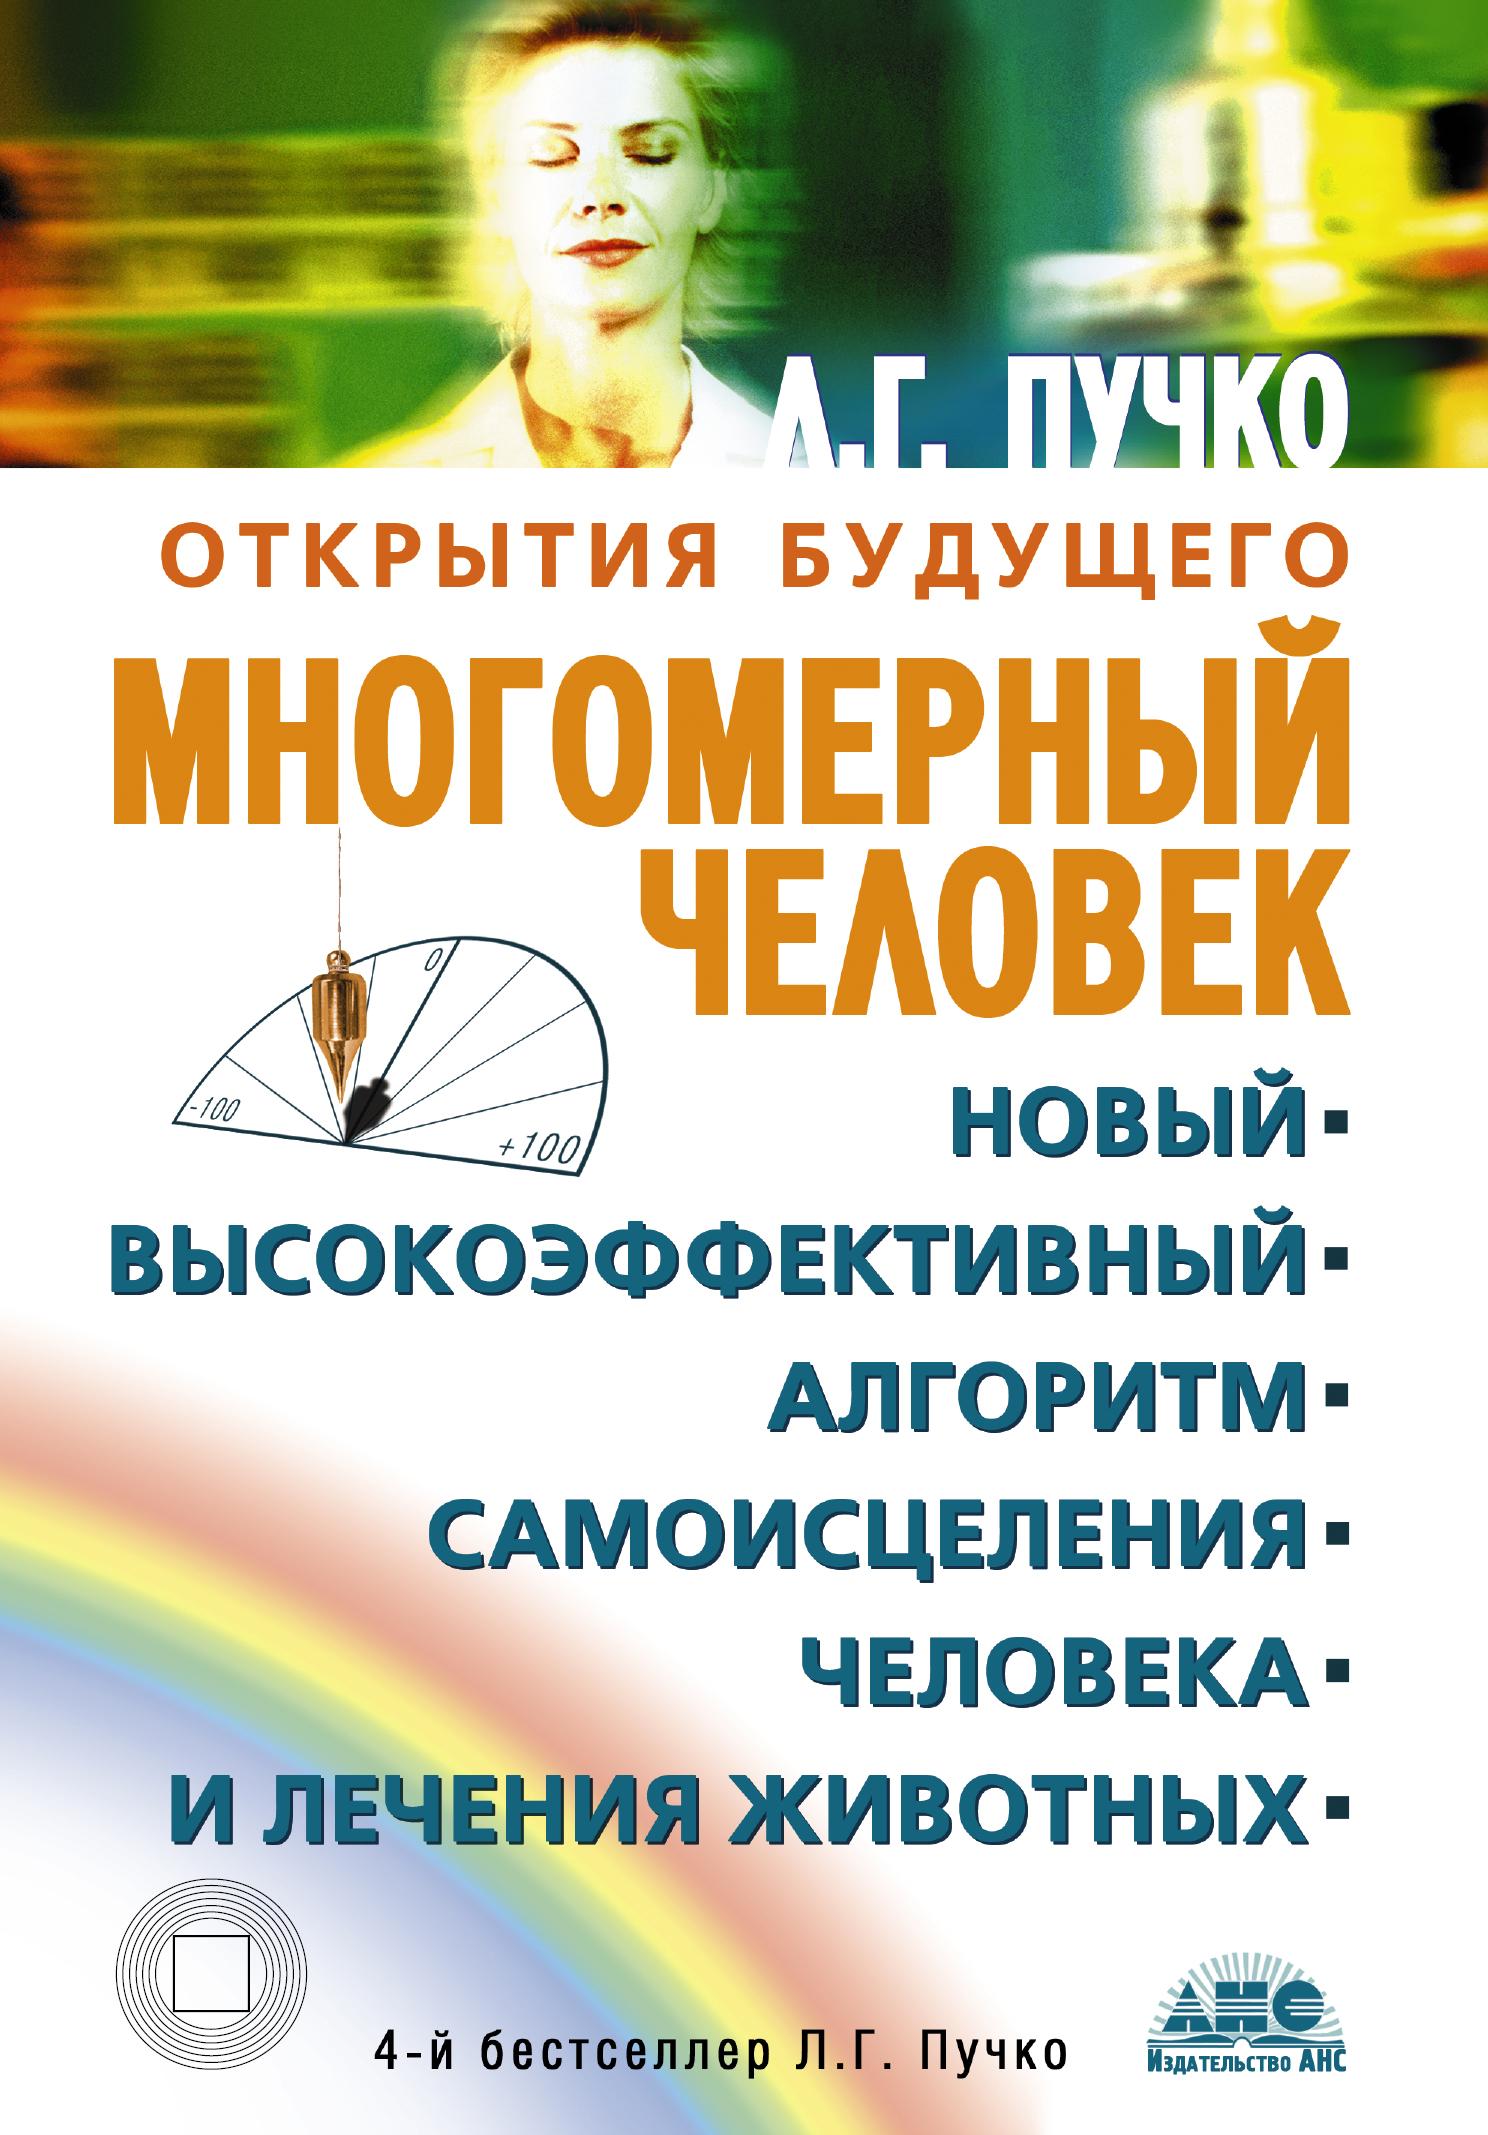 Пучко Л.Г. Многомерный человек шу л радуга м энергетическое строение человека загадки человека сверхвозможности человека комплект из 3 книг